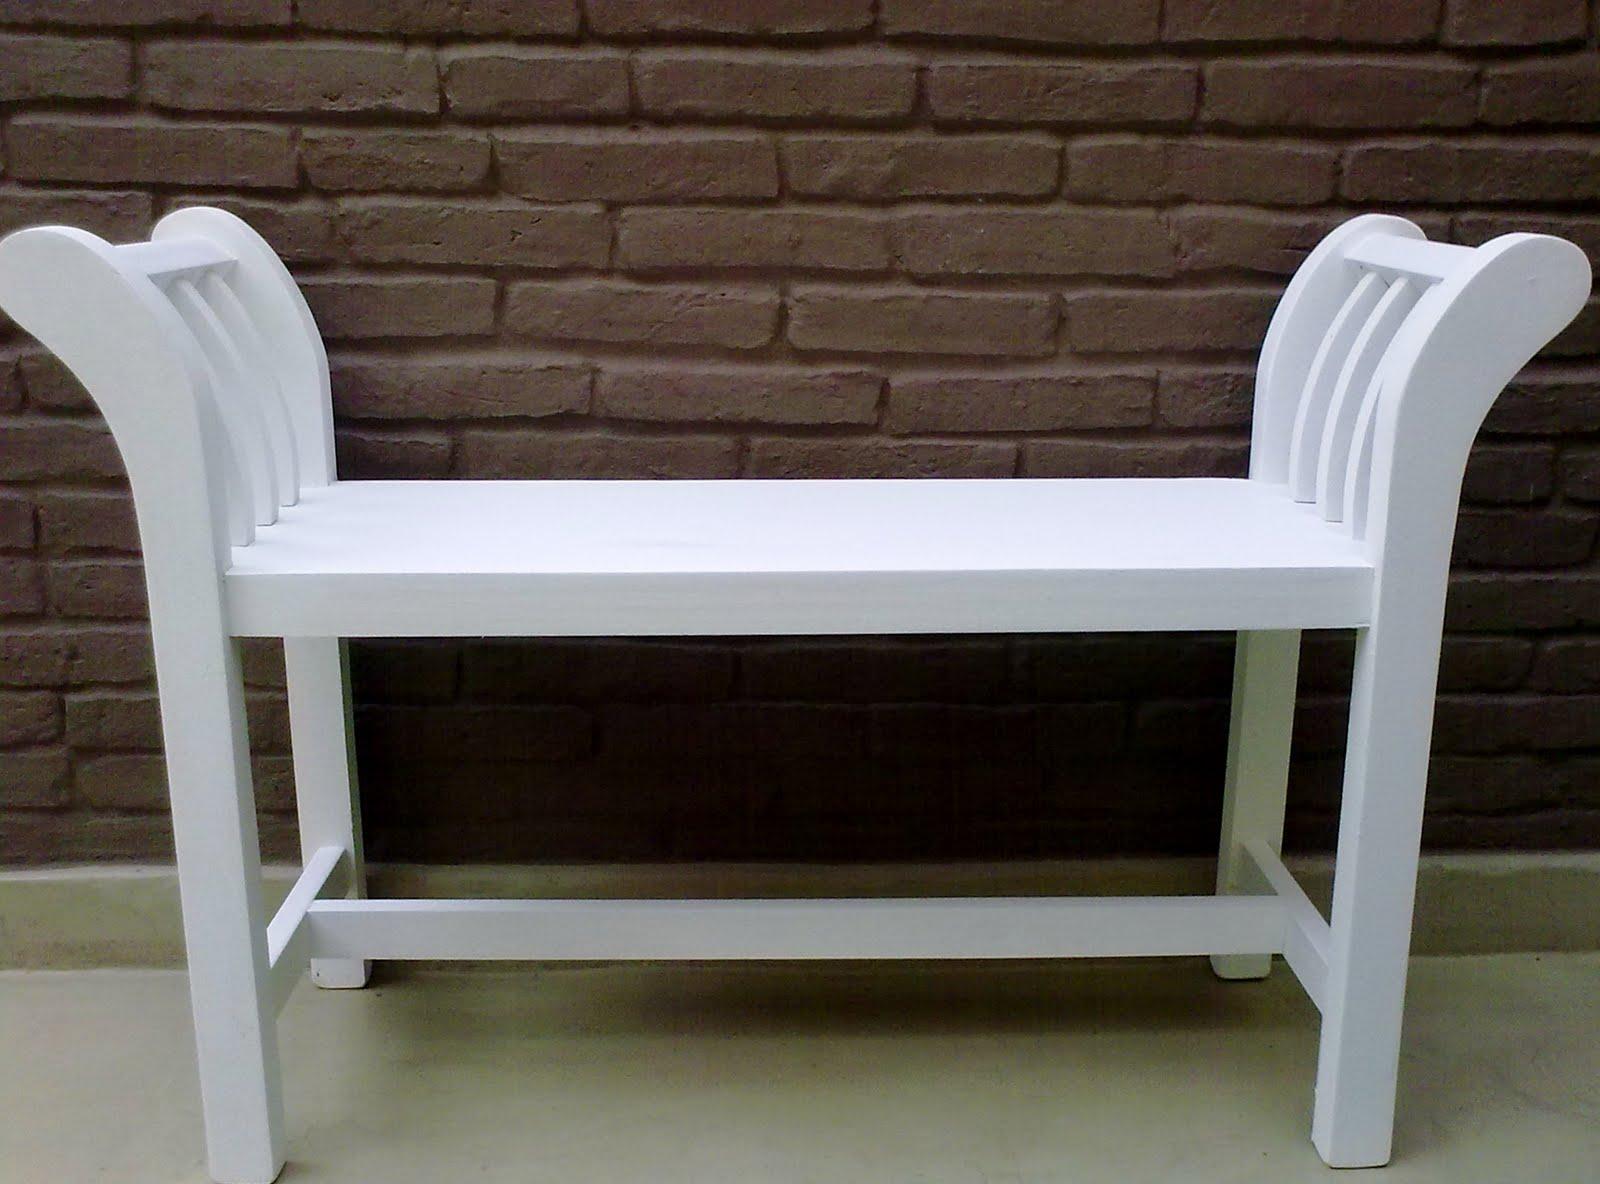 Banco banqueta taburete silla pie de cama 1 plaza 80 cm for Taburete pie de cama